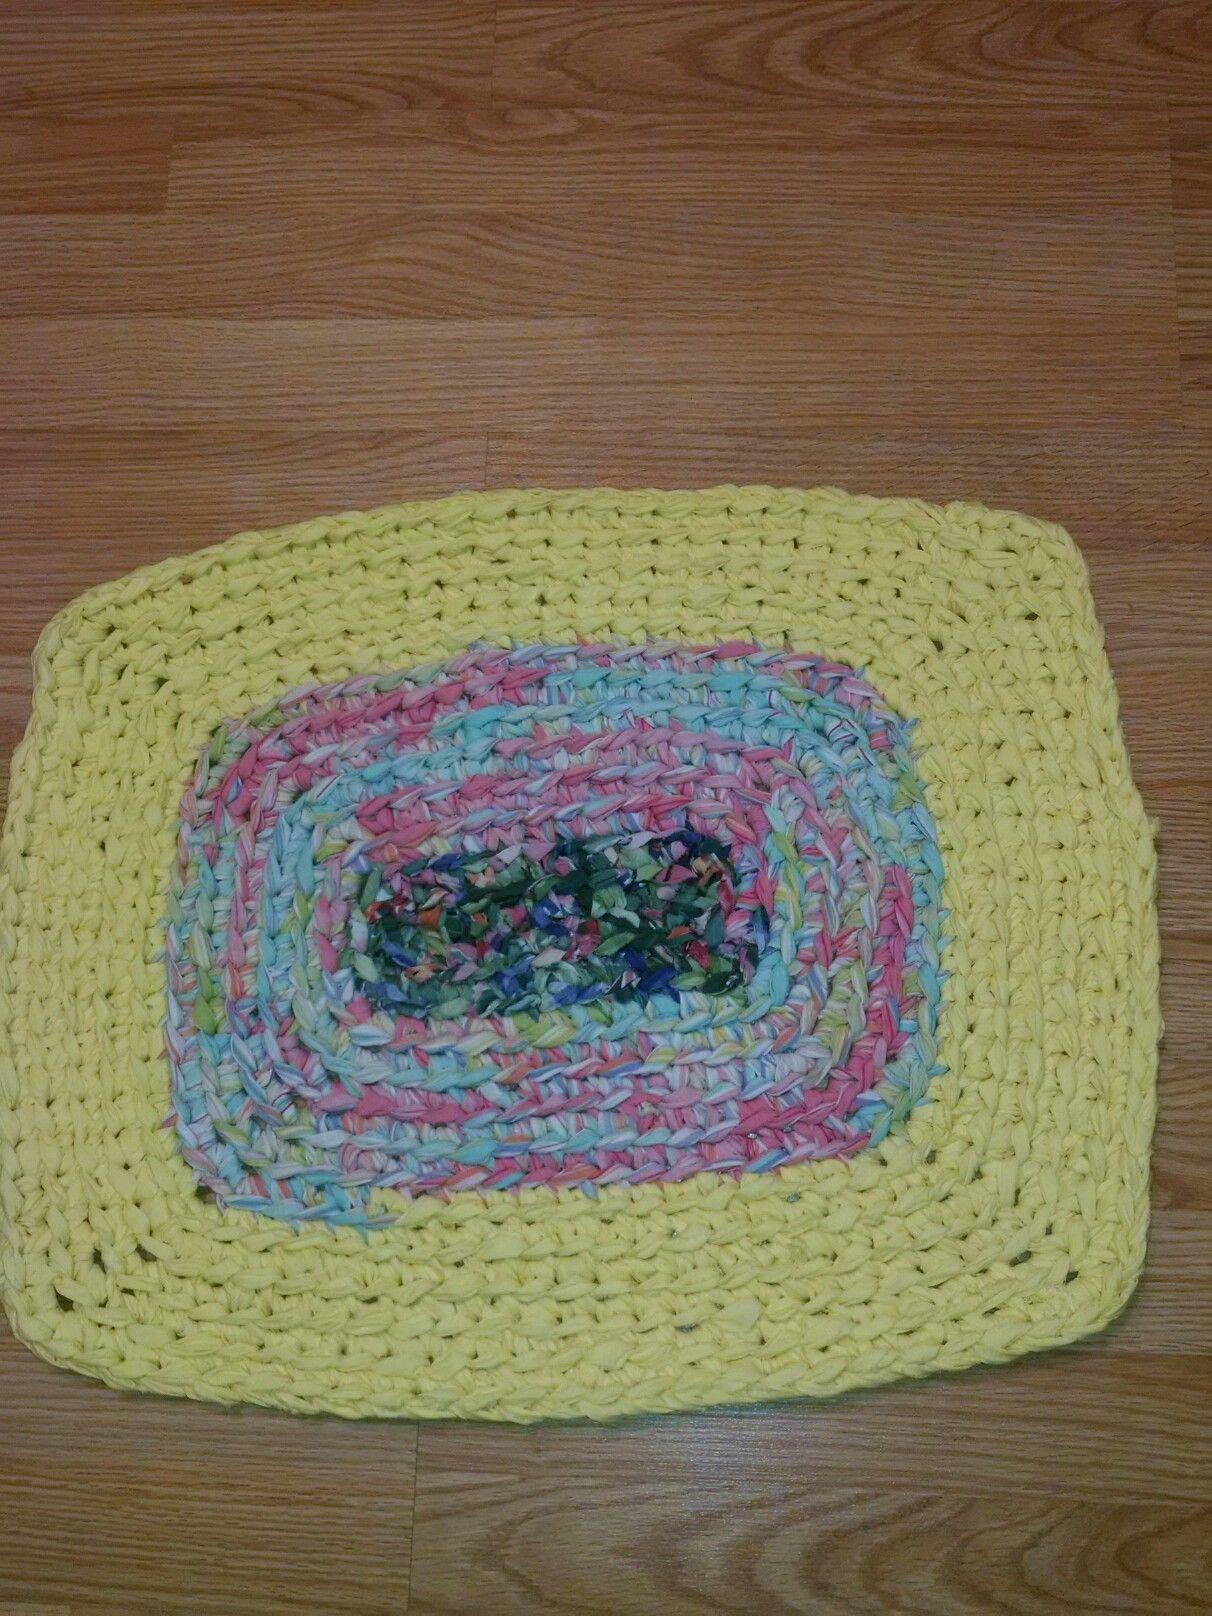 Crocheted Rag Rug I Make For Animal Shelters